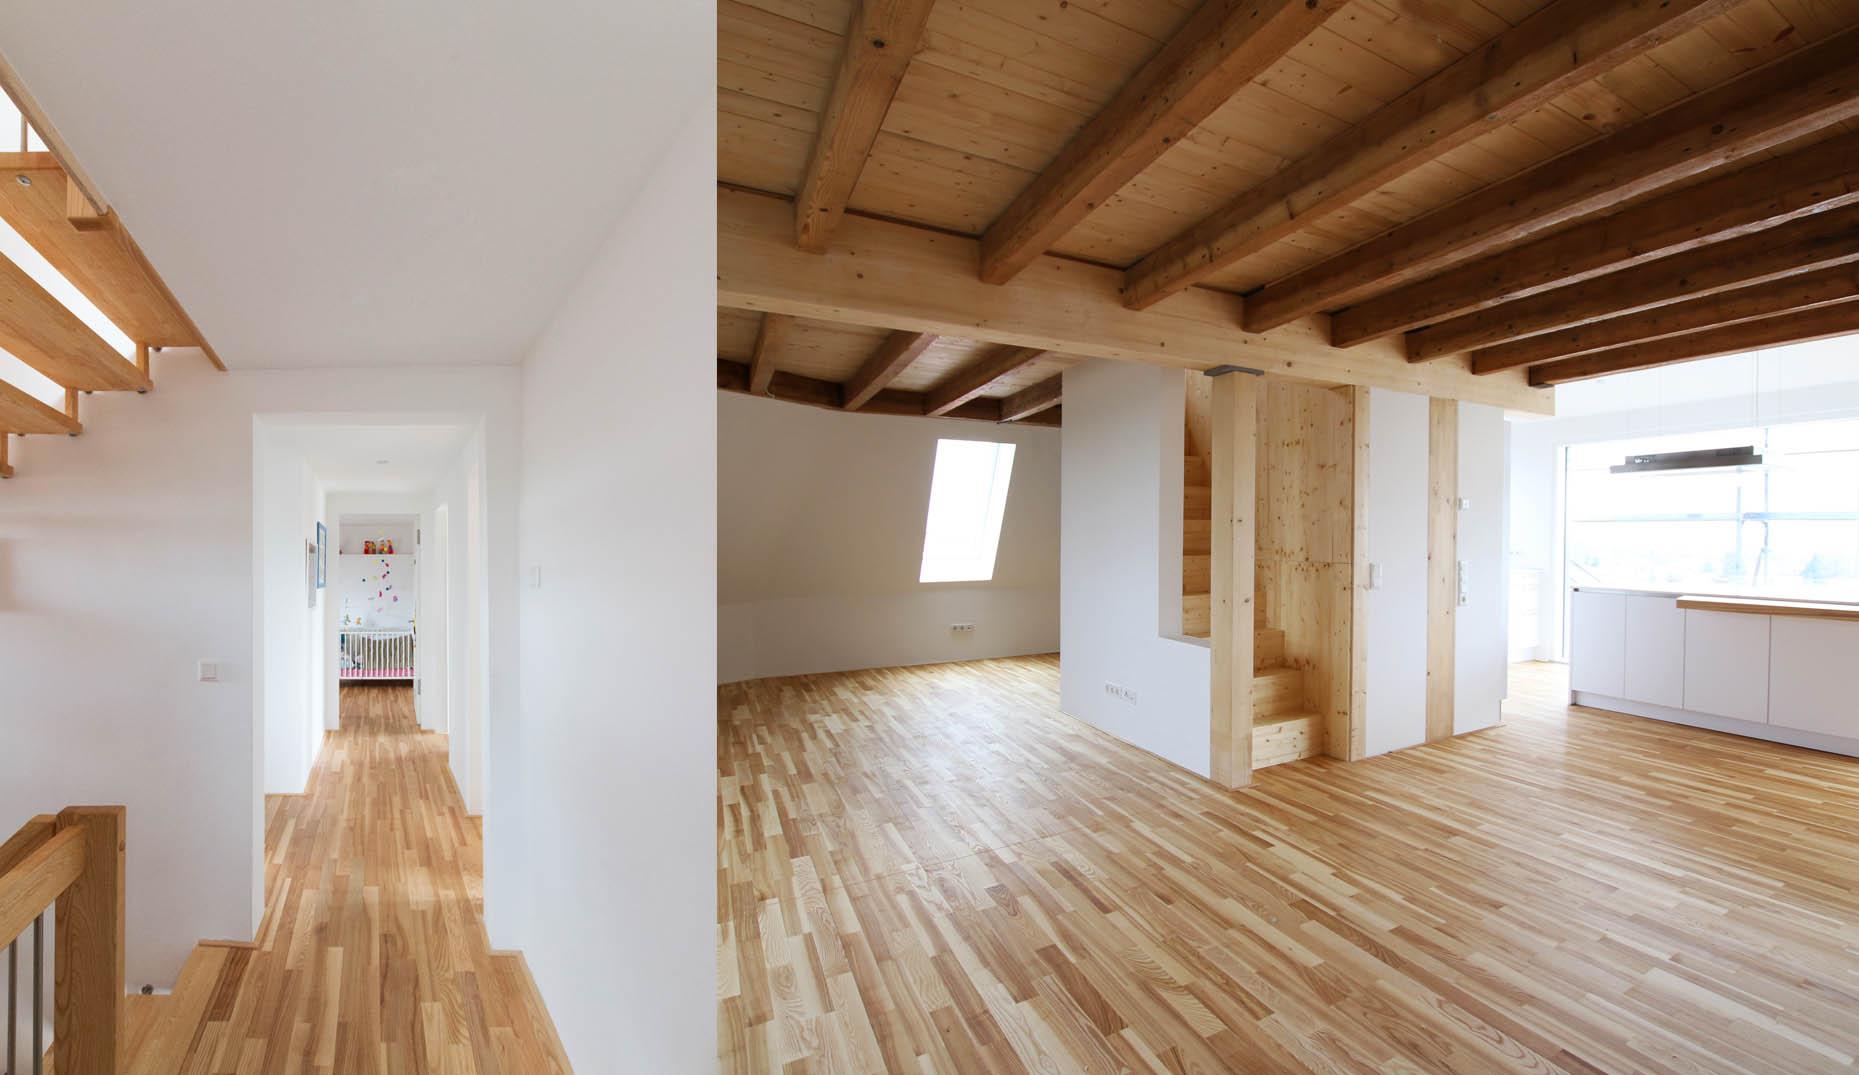 umbau an der stadtmauer sennrich und schneider gmbb. Black Bedroom Furniture Sets. Home Design Ideas